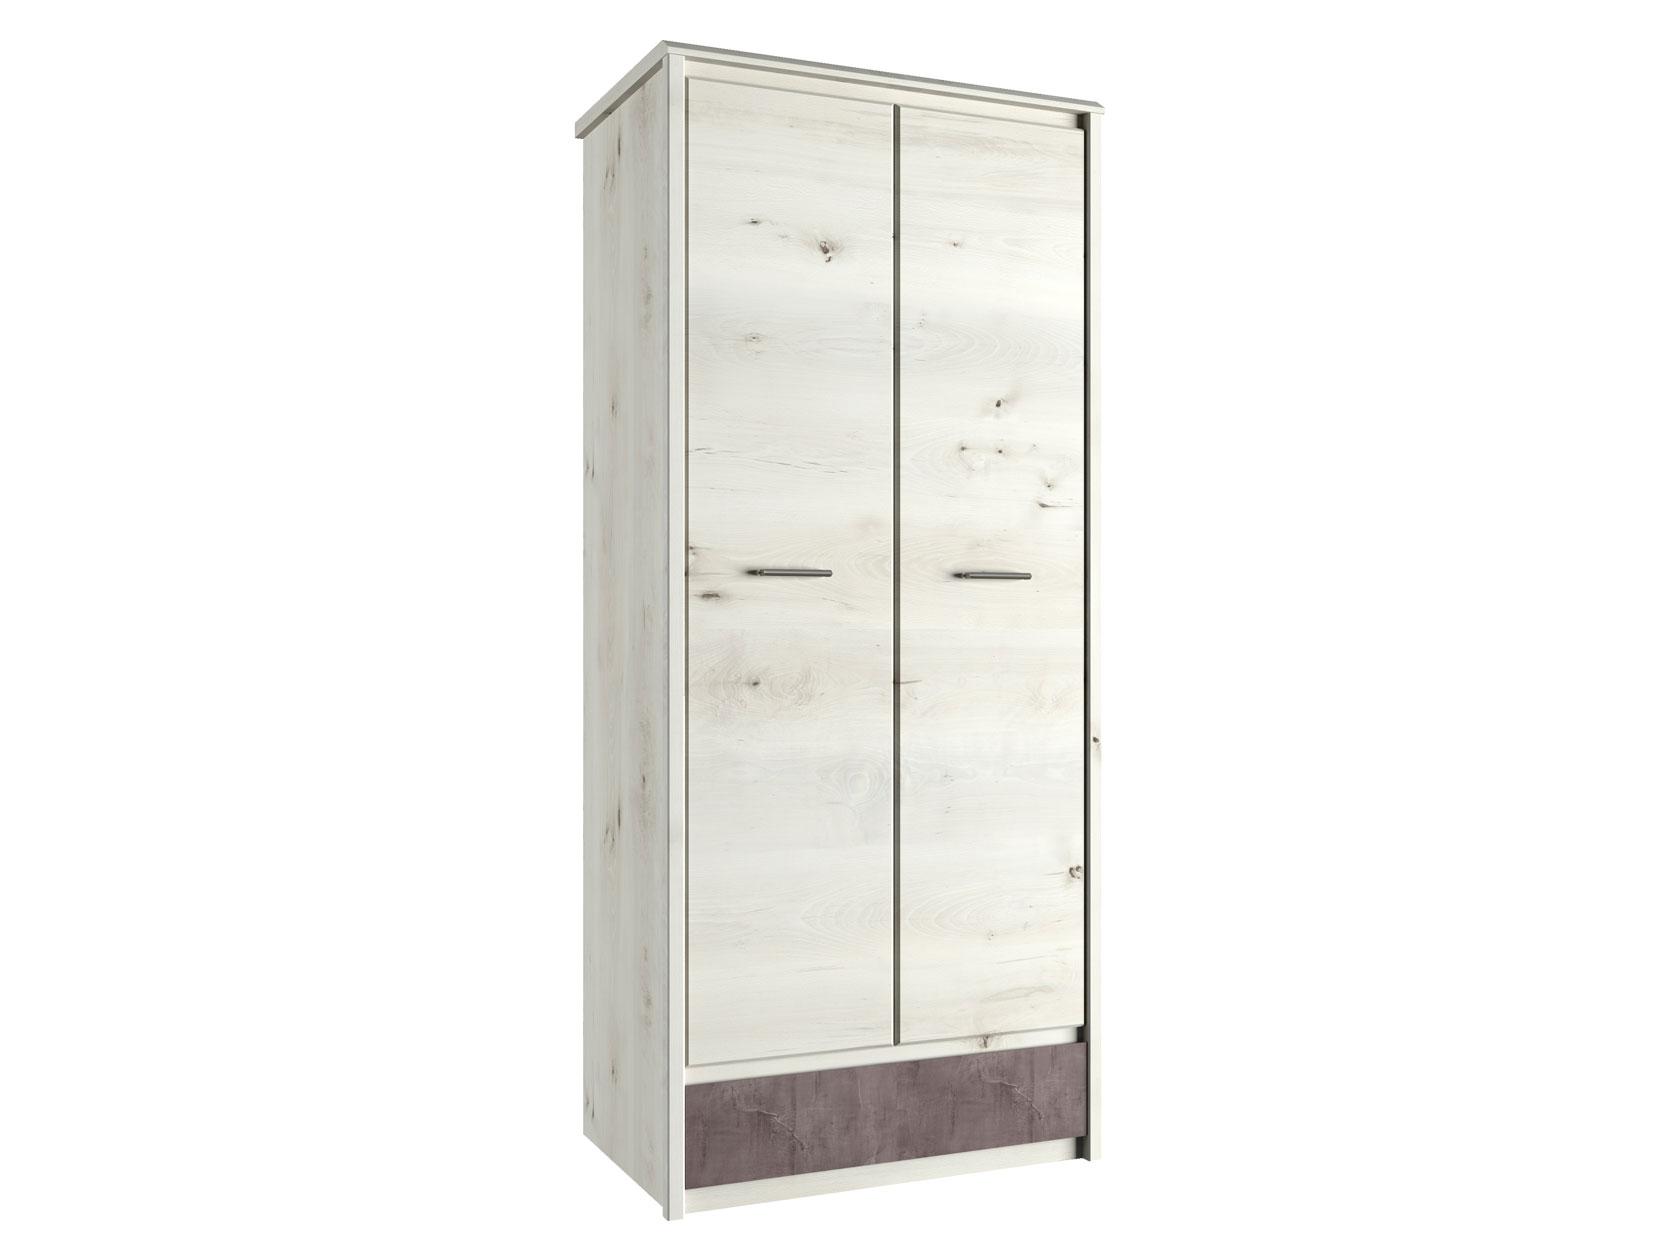 Распашной шкаф Бьерк